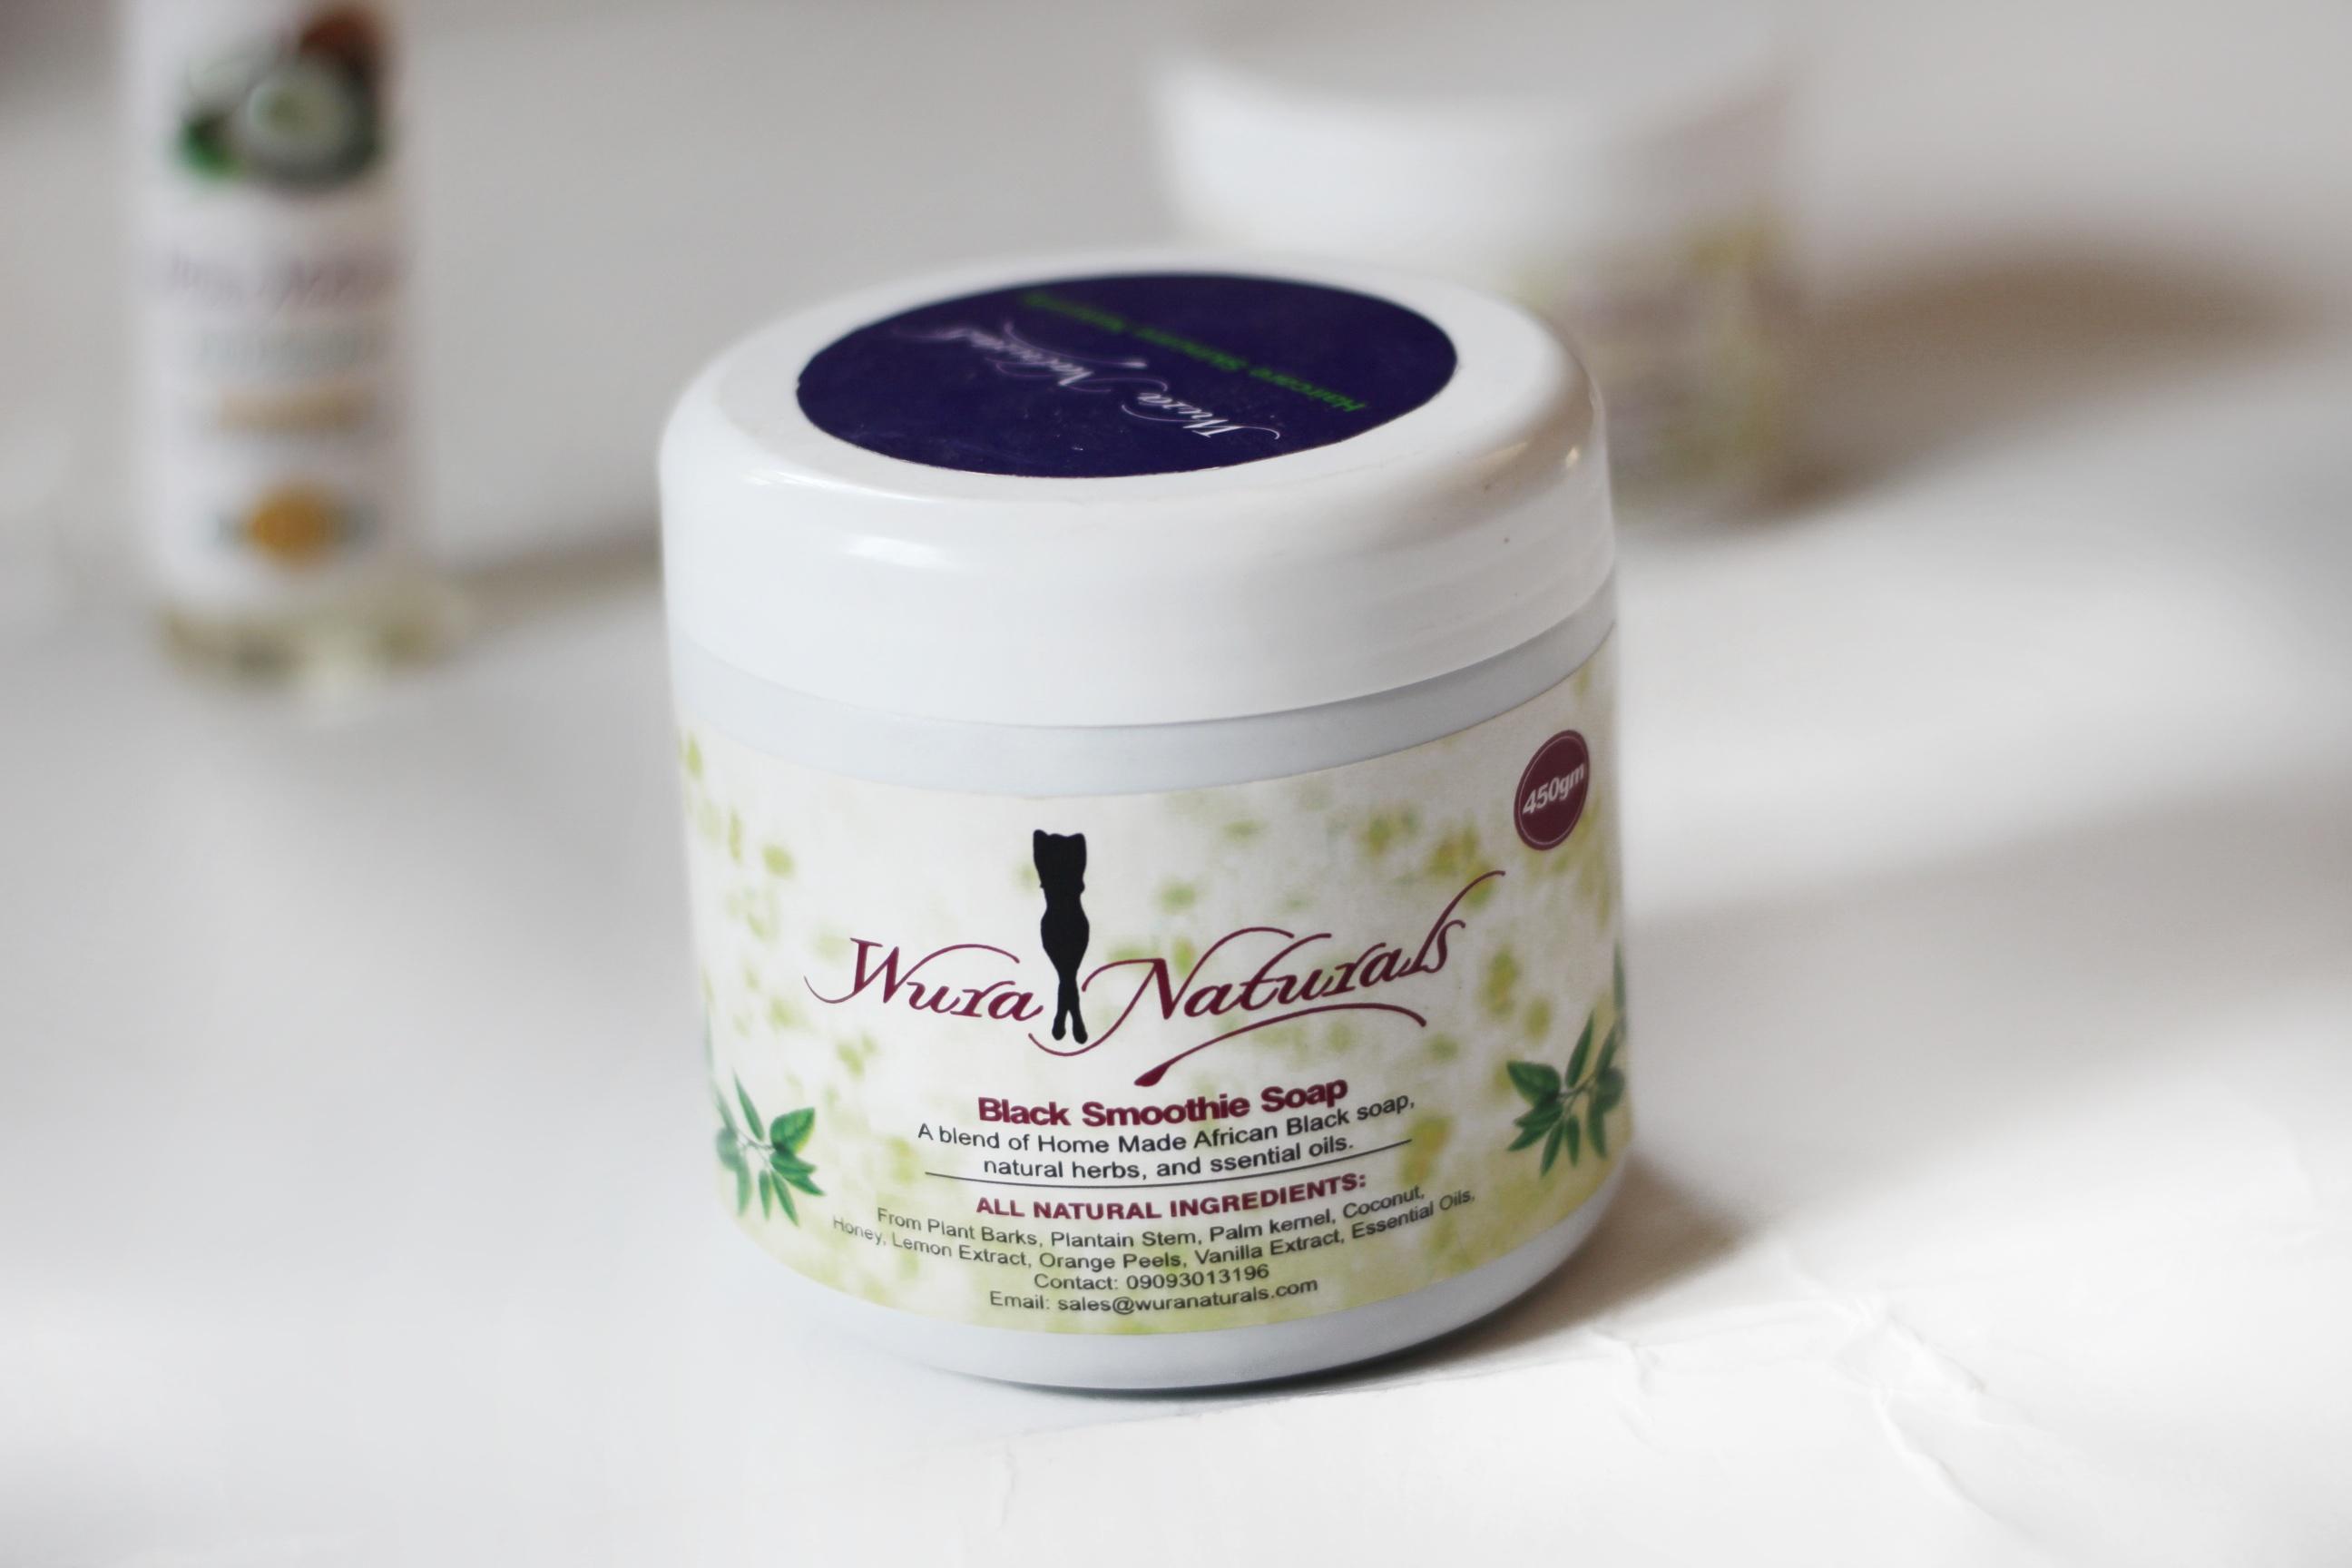 Wura Naturals Natural Hair & Body Product Review